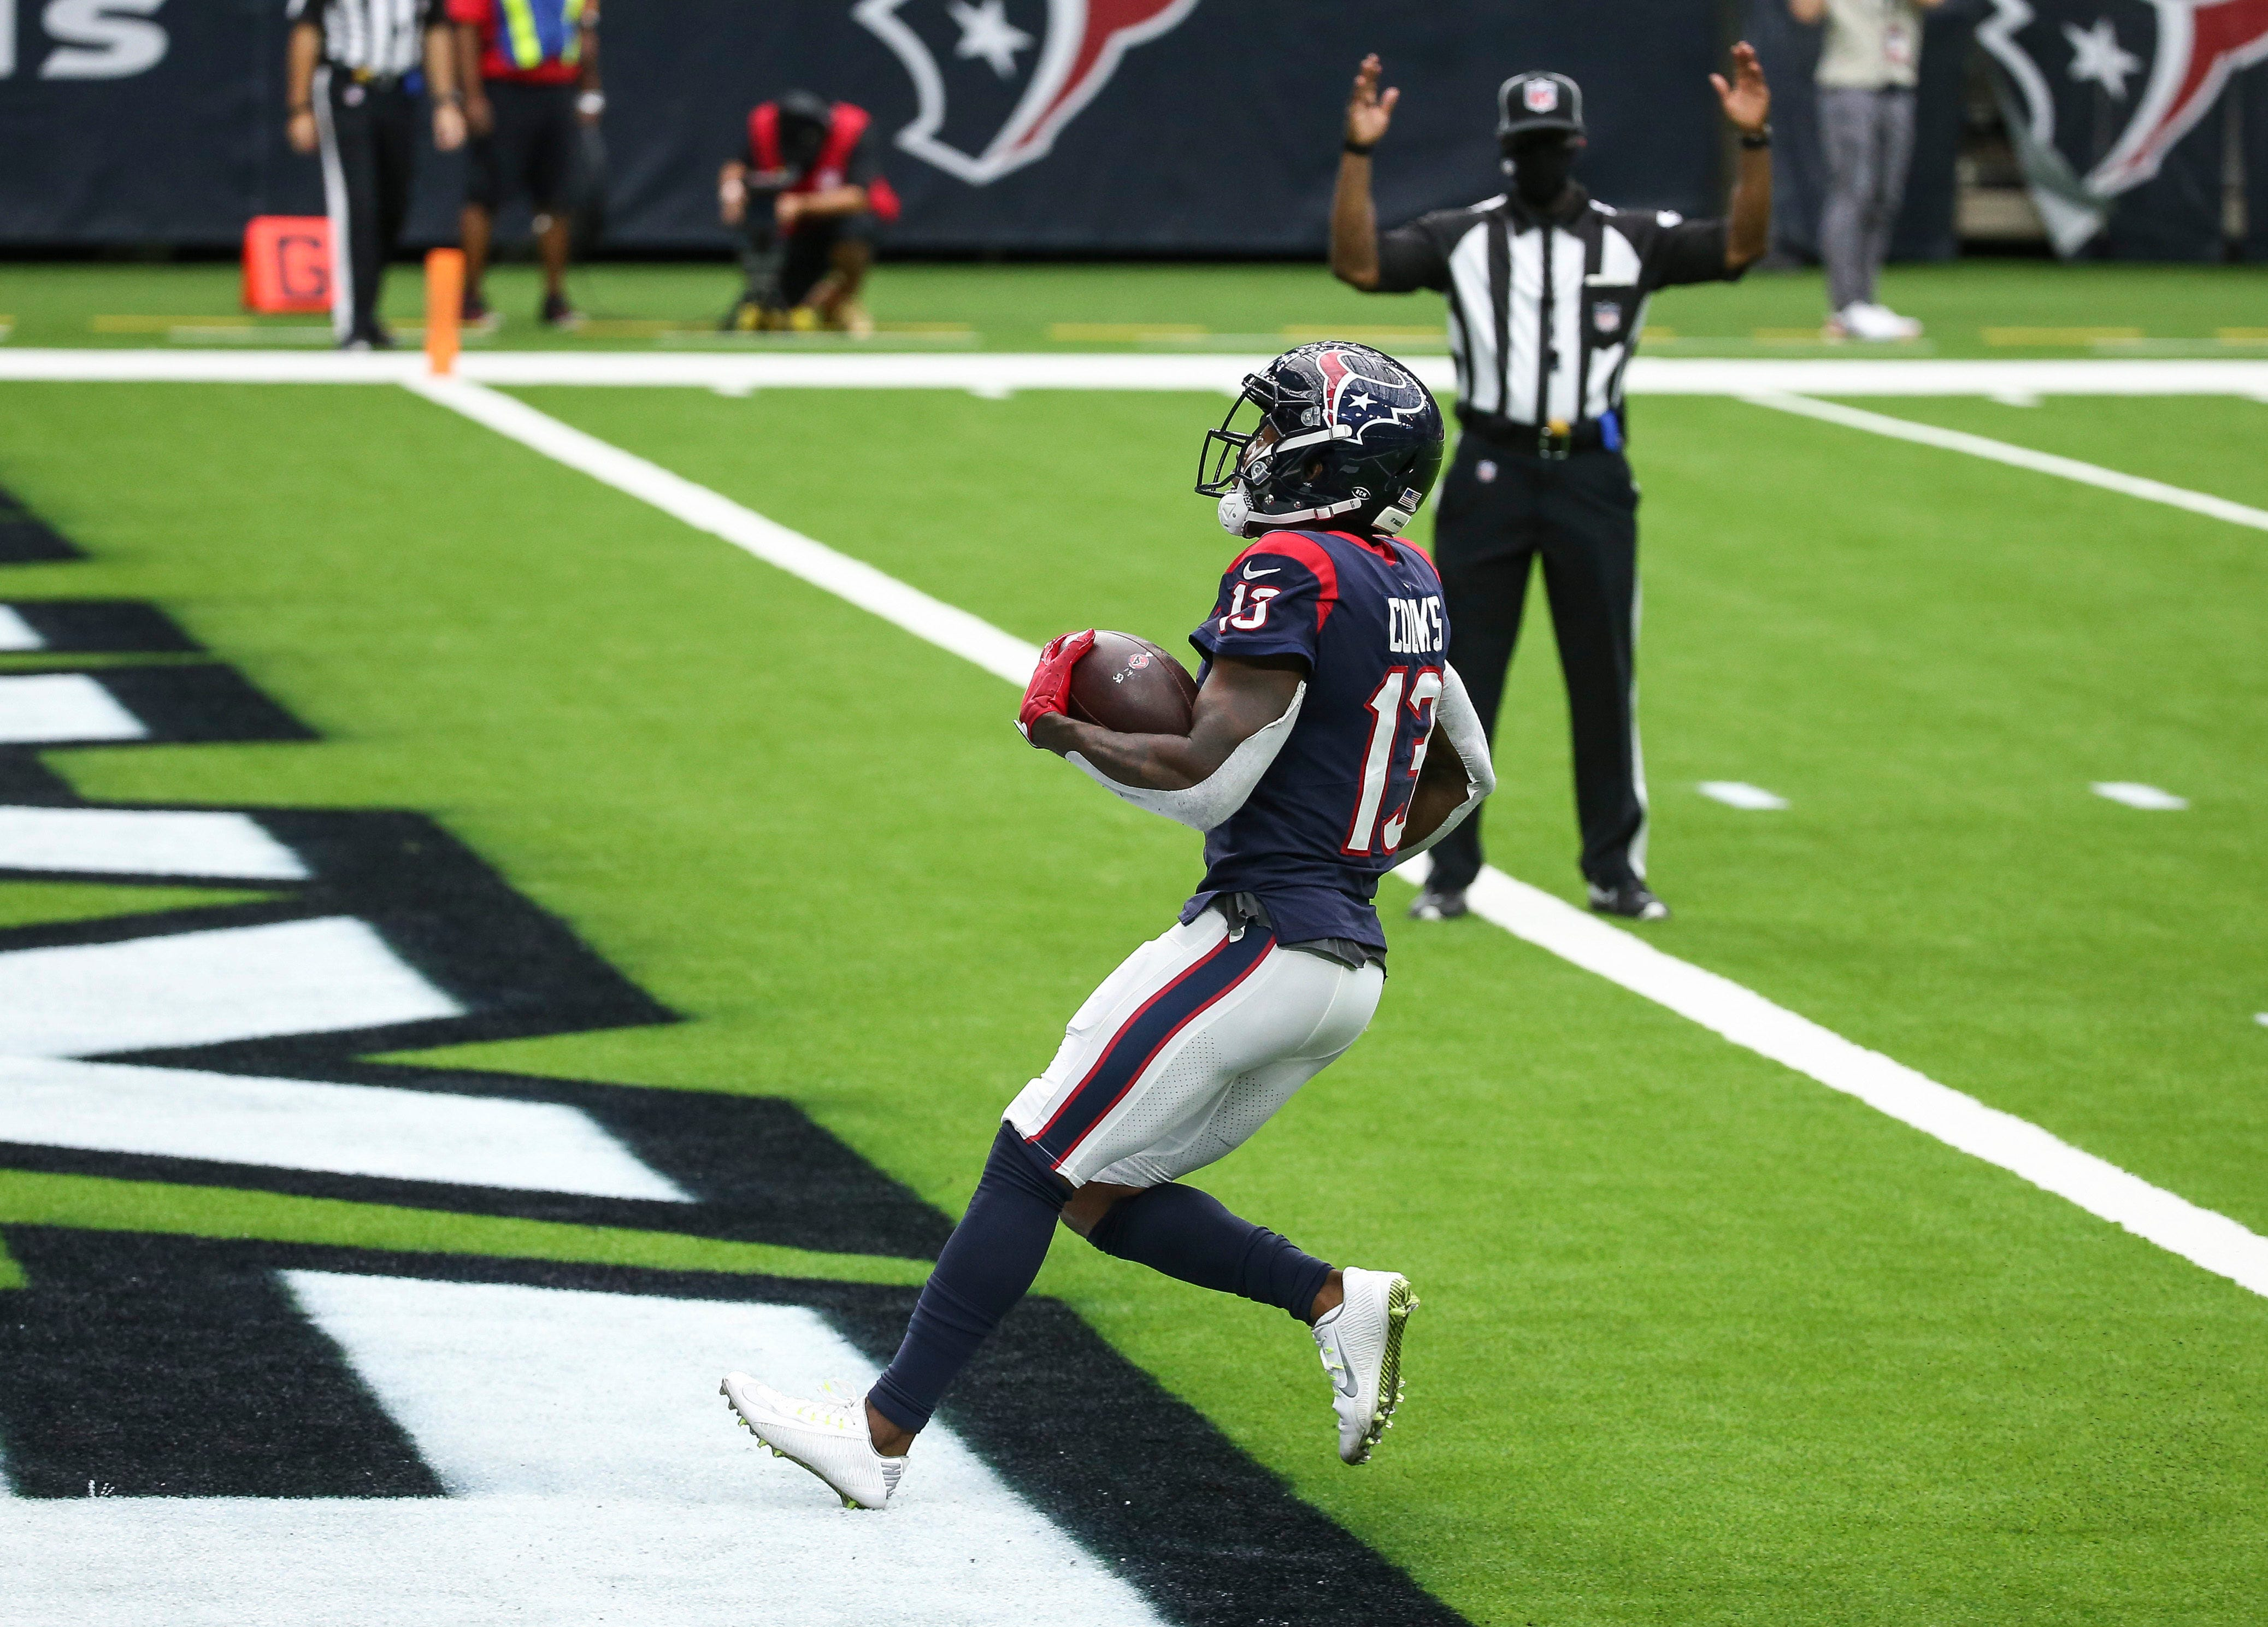 Fantasy football stock watch: Brandin Cooks no longer on Houston Texans' back burner